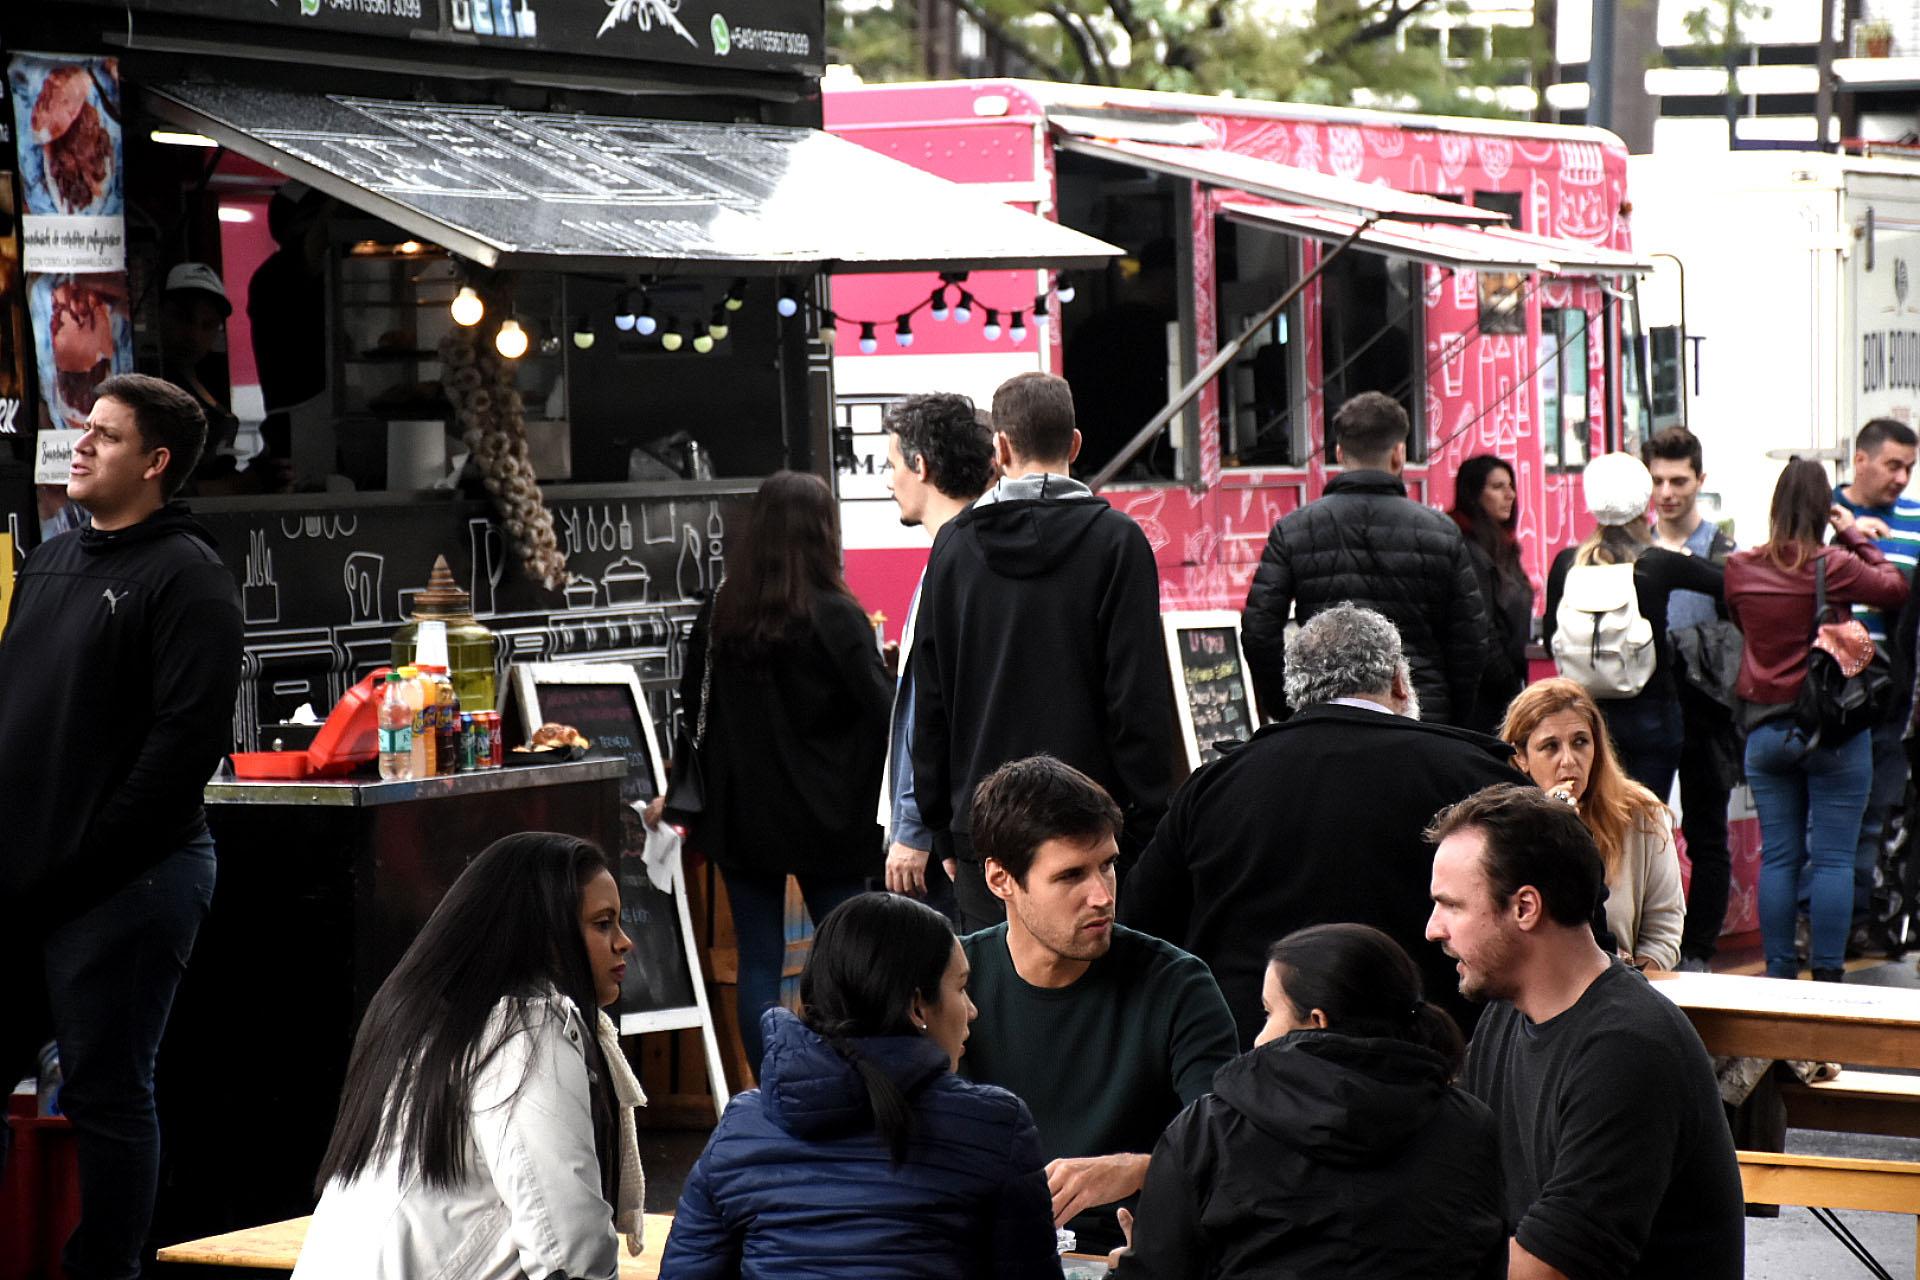 Hay opciones con 8 food trucks con distintos menús dulces y salados, para almorzar o comer algo rico, más allá del café. Entre ellos comida italiana, venezolana, francesa